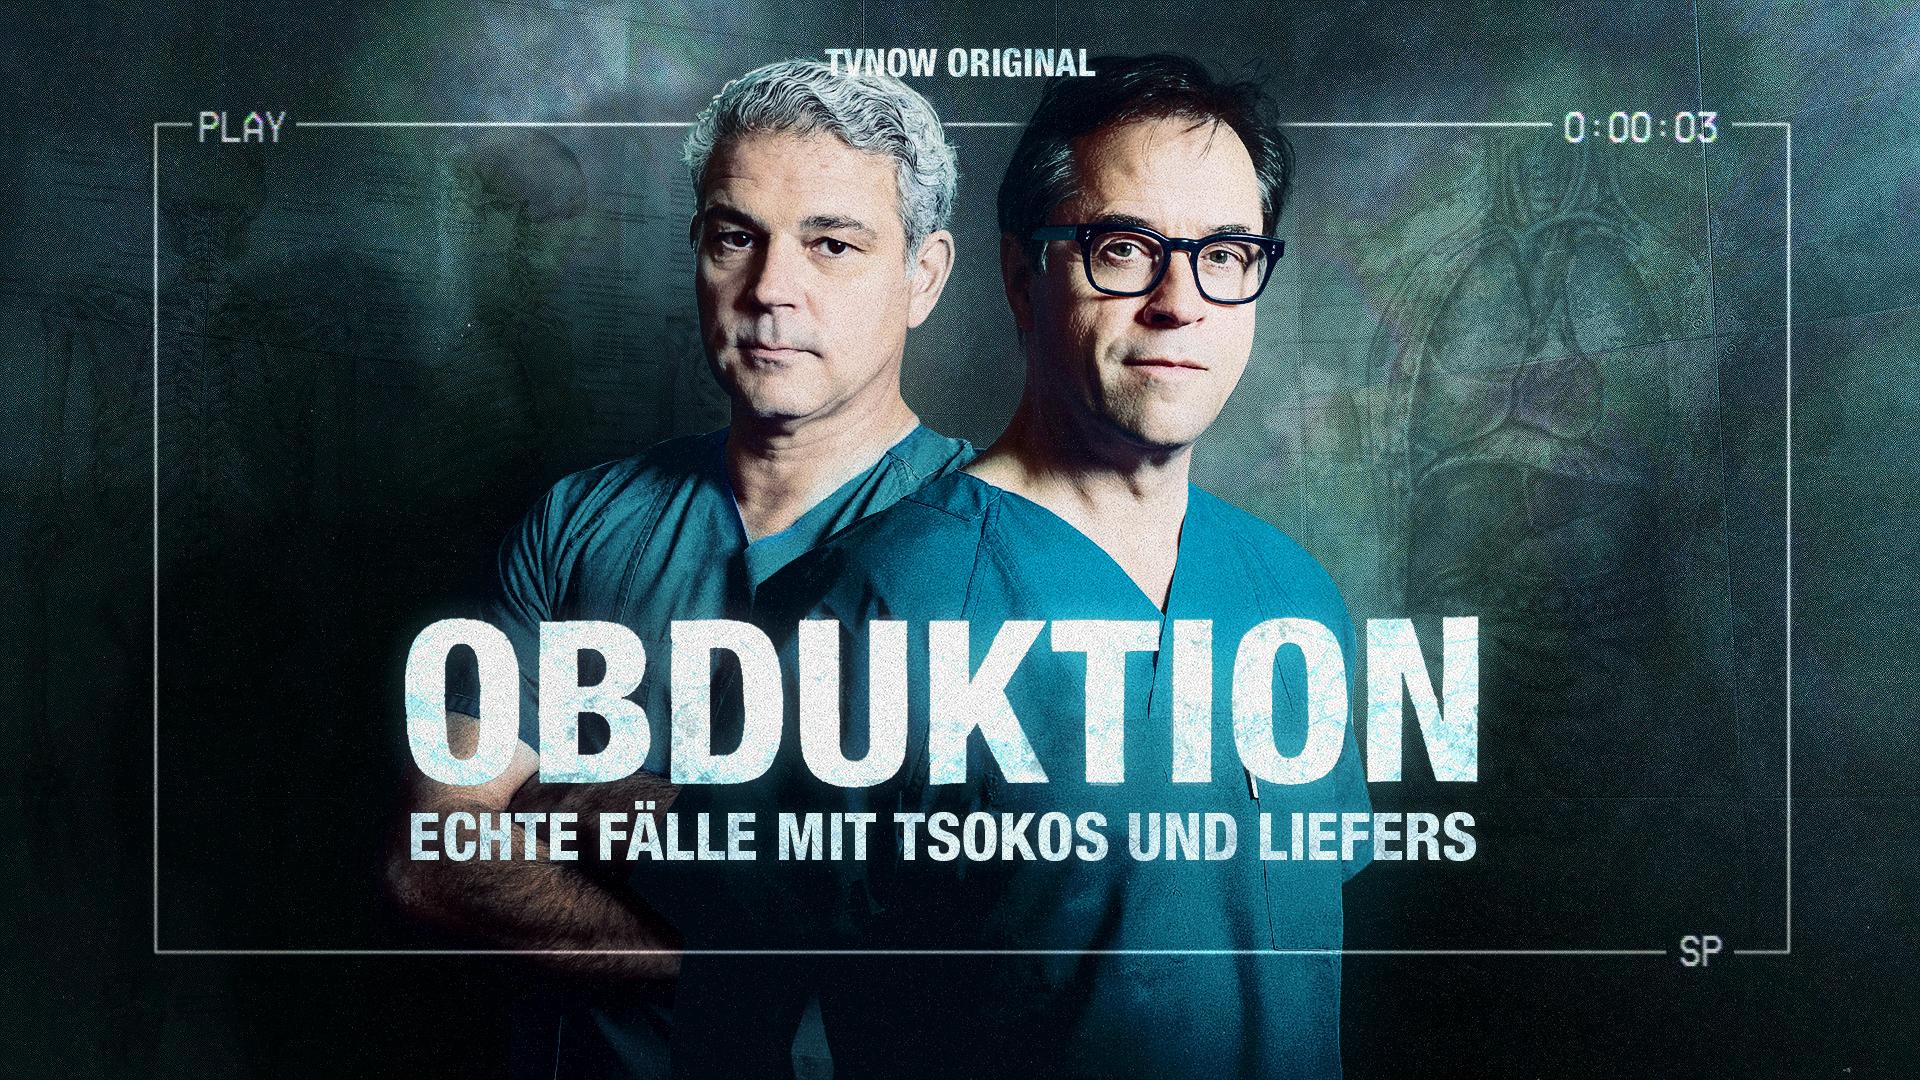 Obduktion – Echte Fälle mit Tsokos und Liefers